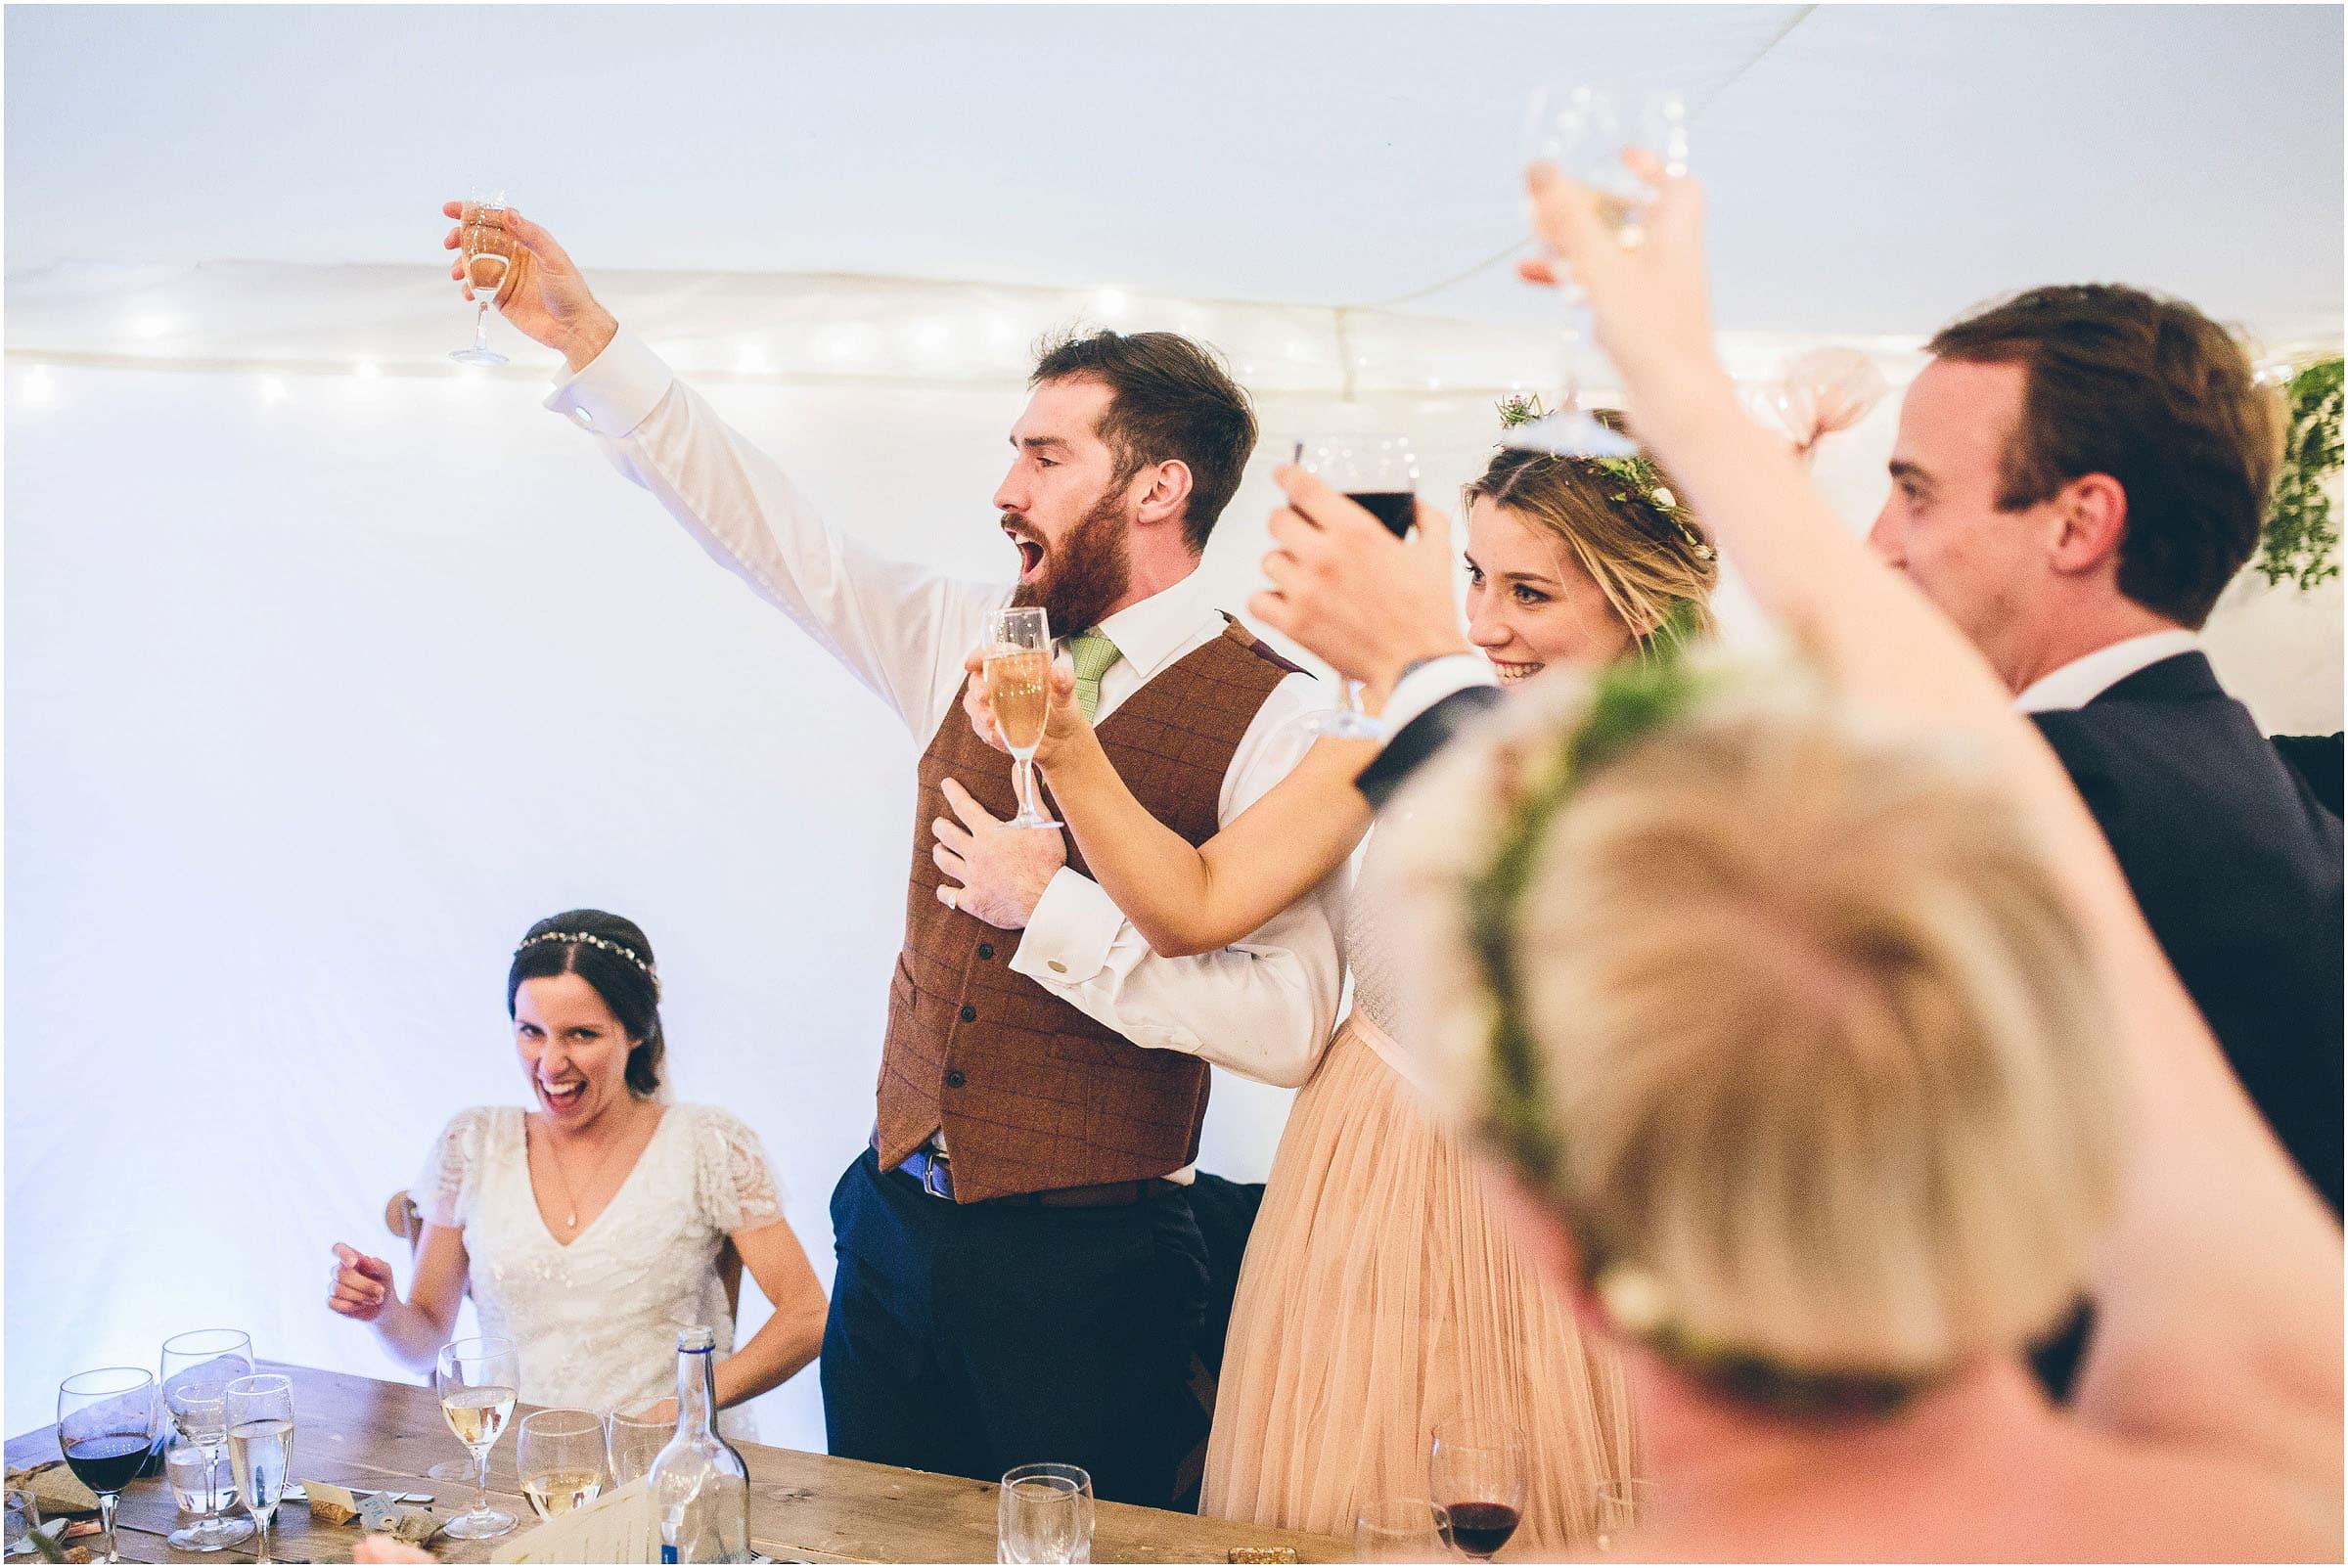 Harthill_Weddings_Wedding_Photography_0112